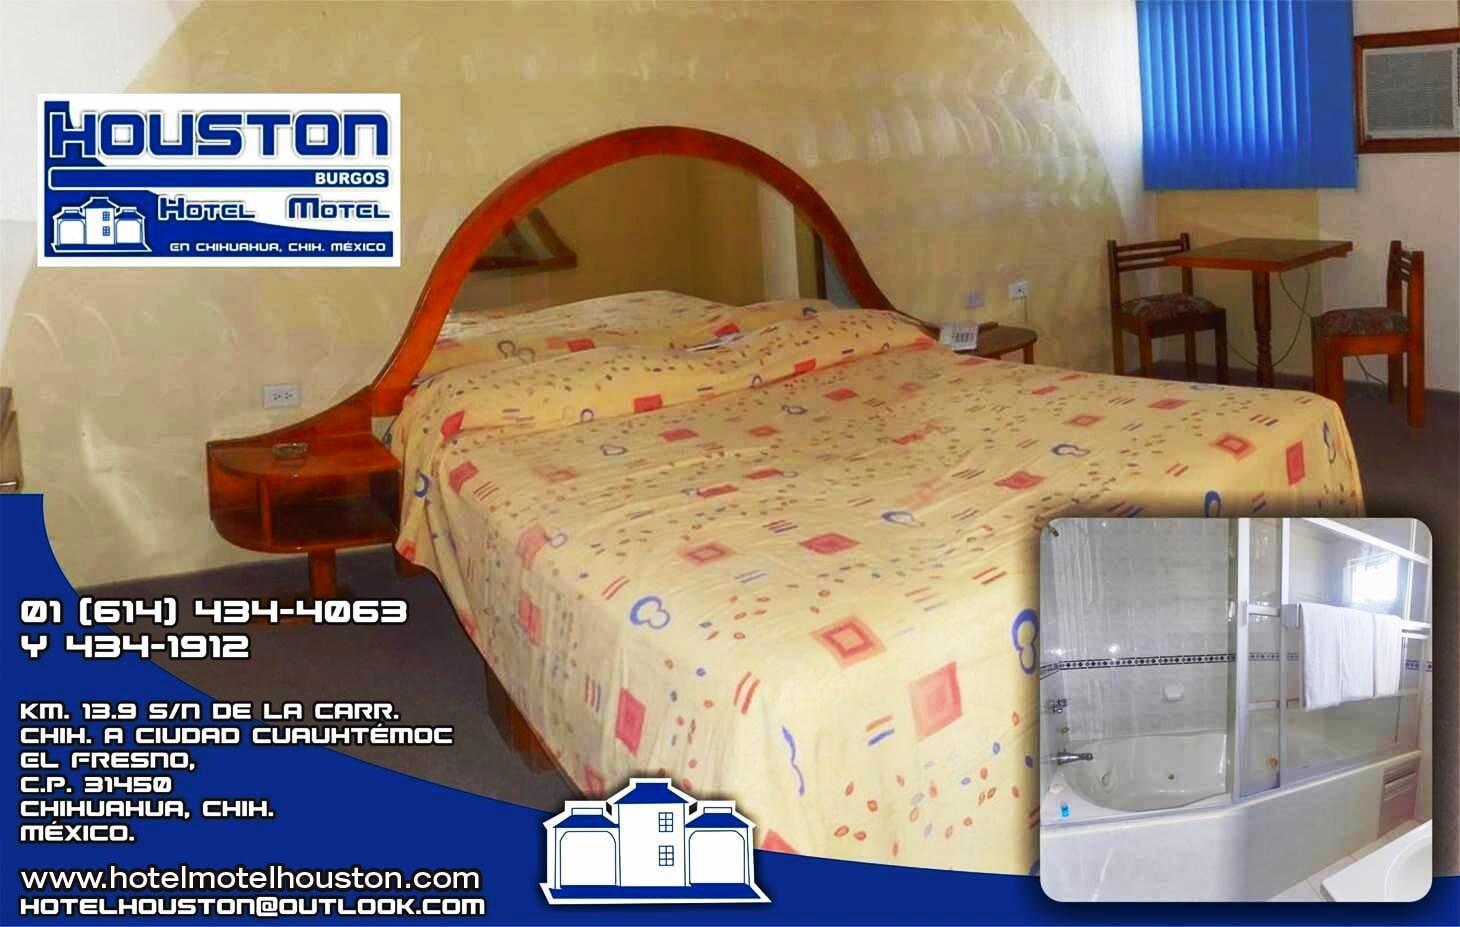 HOTEL-MOTEL HOUSTON - Jacuzzi